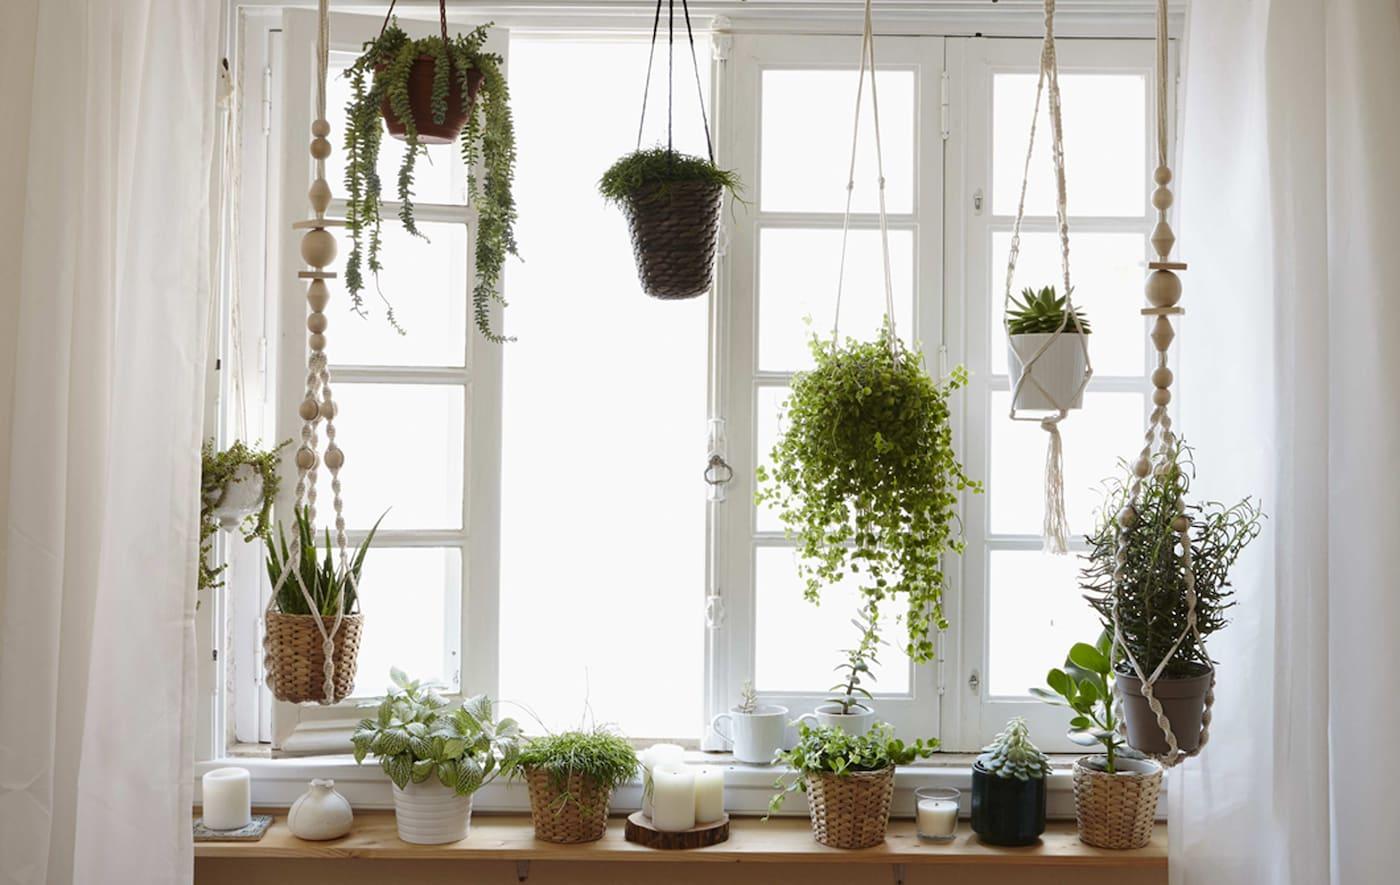 Fenstergarten gestalten: Für Pflanzenfreunde - IKEA Deutschland